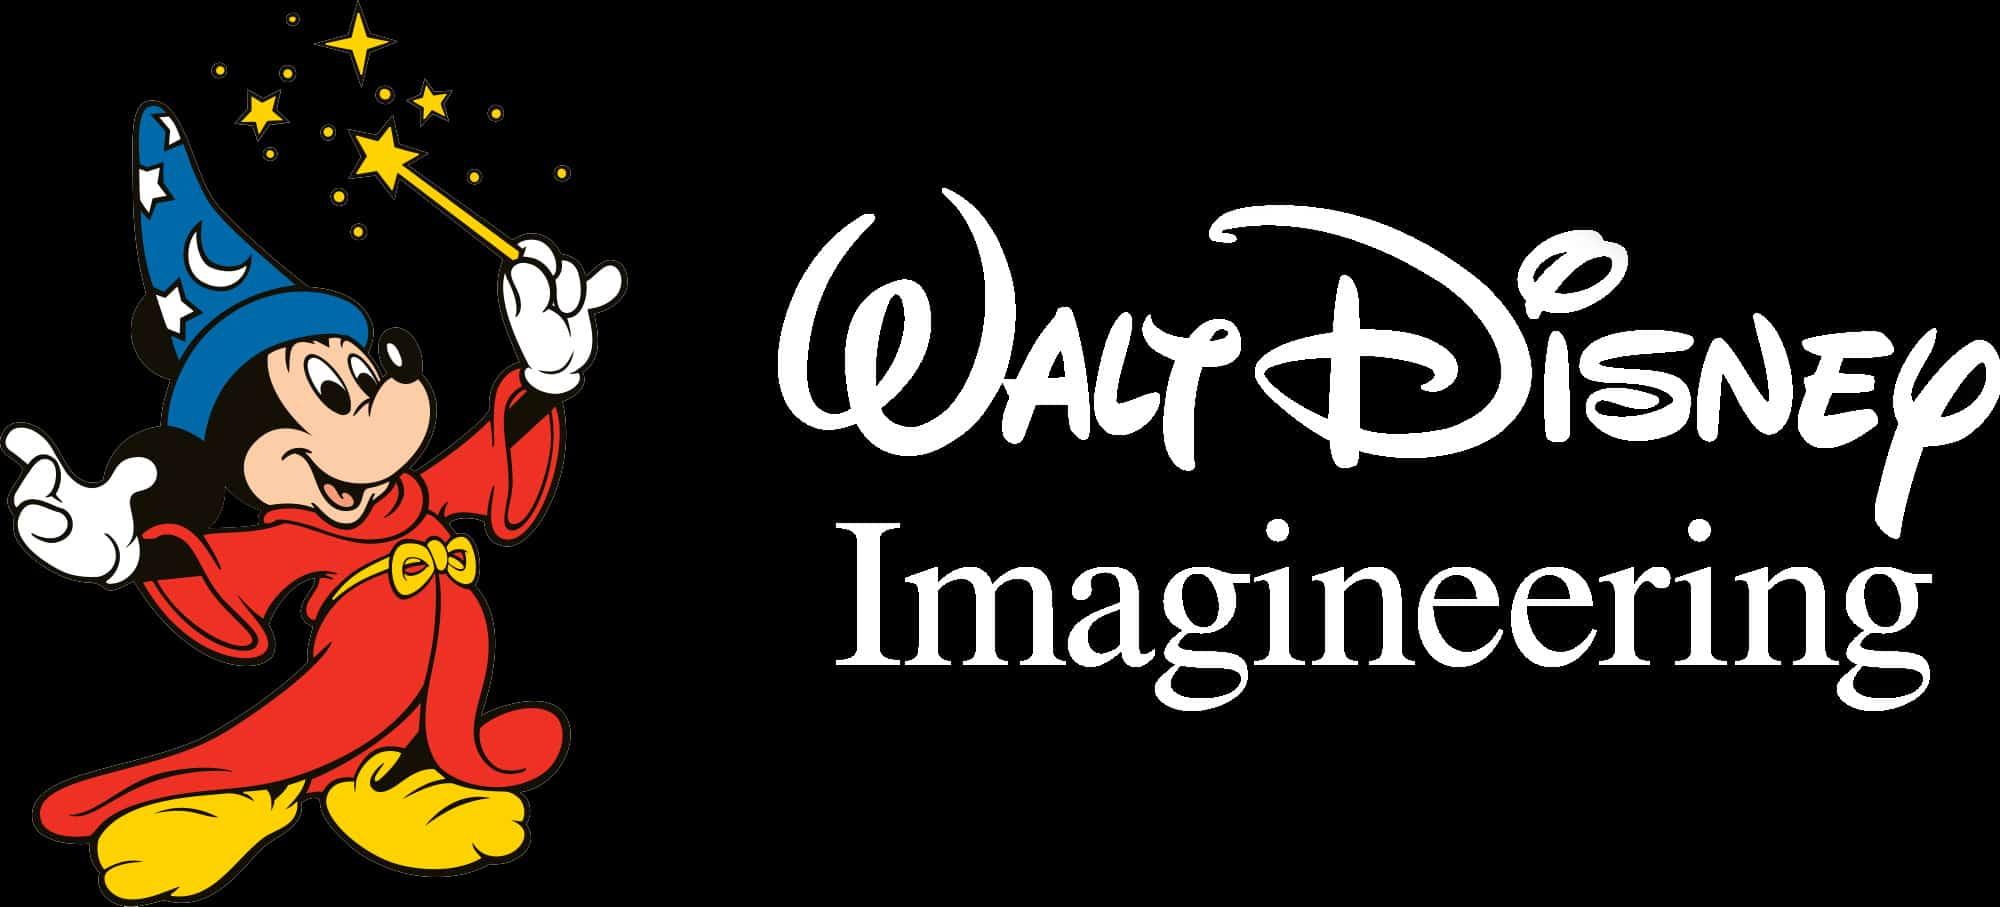 Disney pretende disminuir la piratería en Internet con el desarrollo de un nuevo buscador.